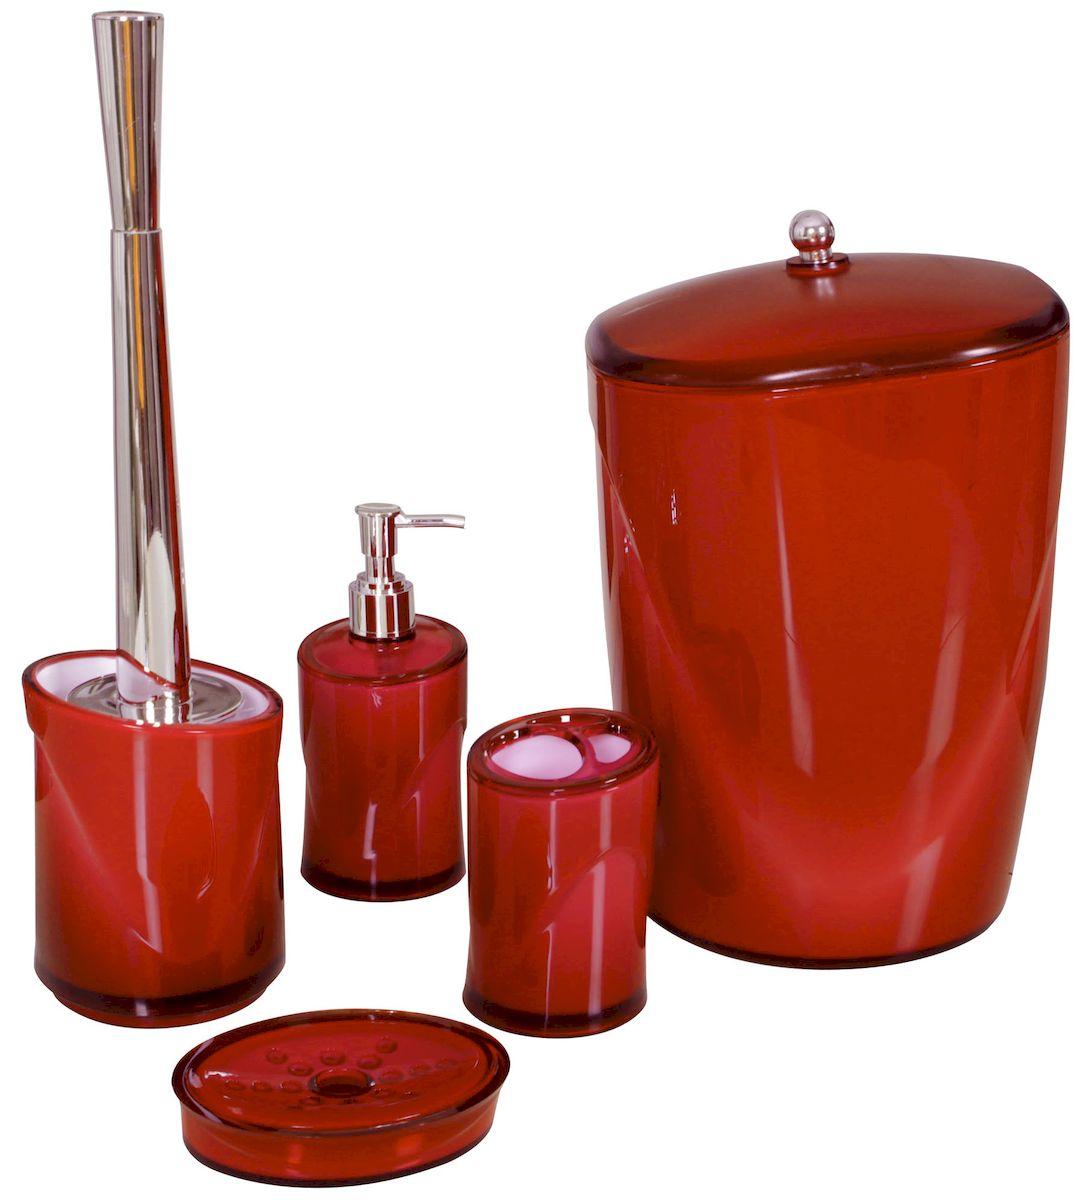 Набор для ванной комнаты Indecor, 5 предметов. IND034cIND034c